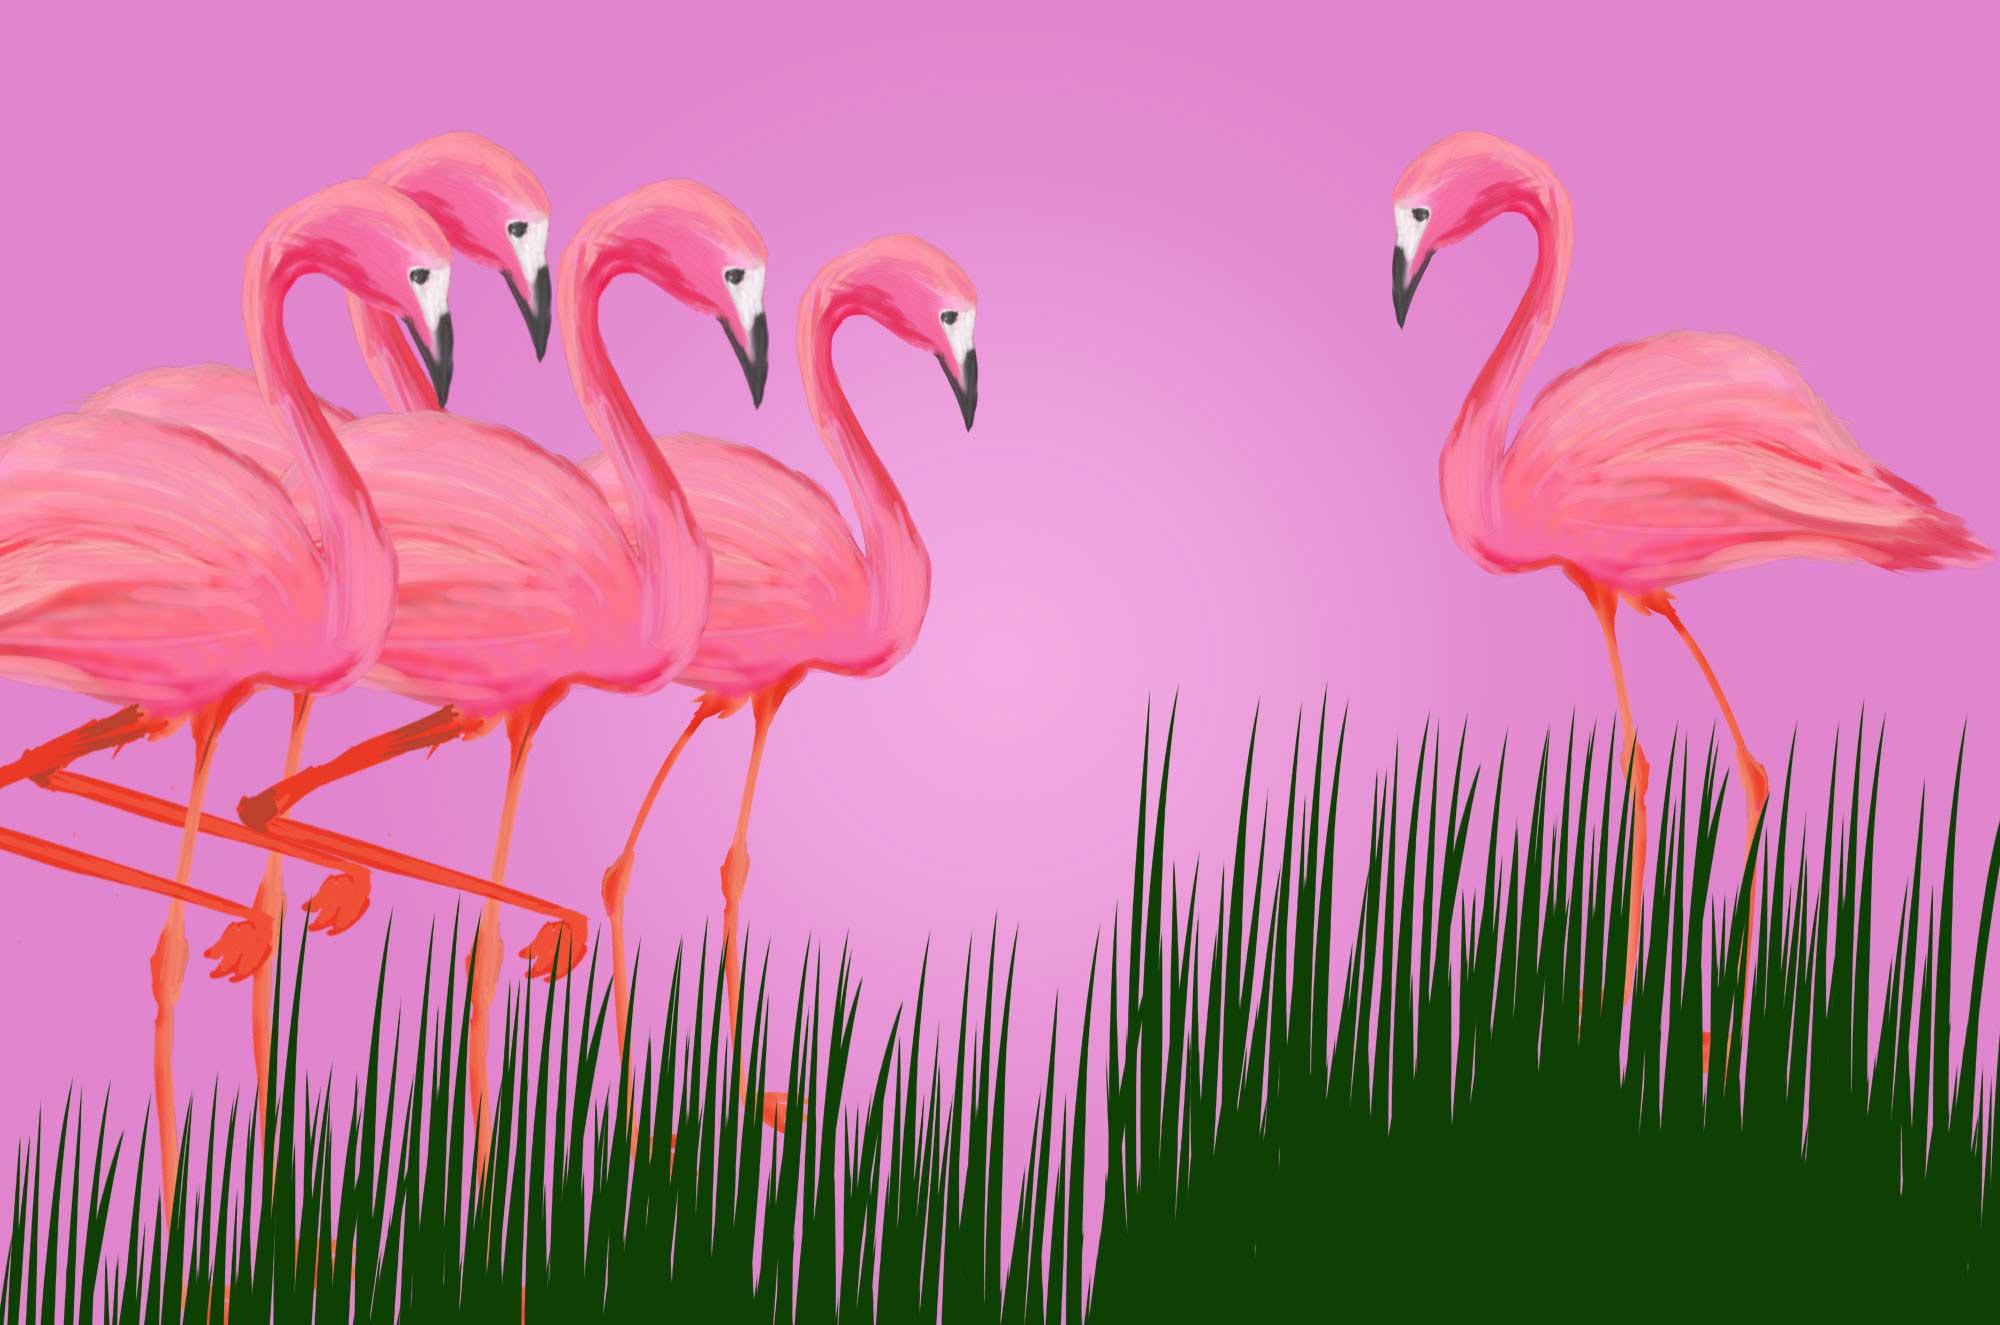 フラミンゴイラスト - ピンク色の可愛い鳥の素材